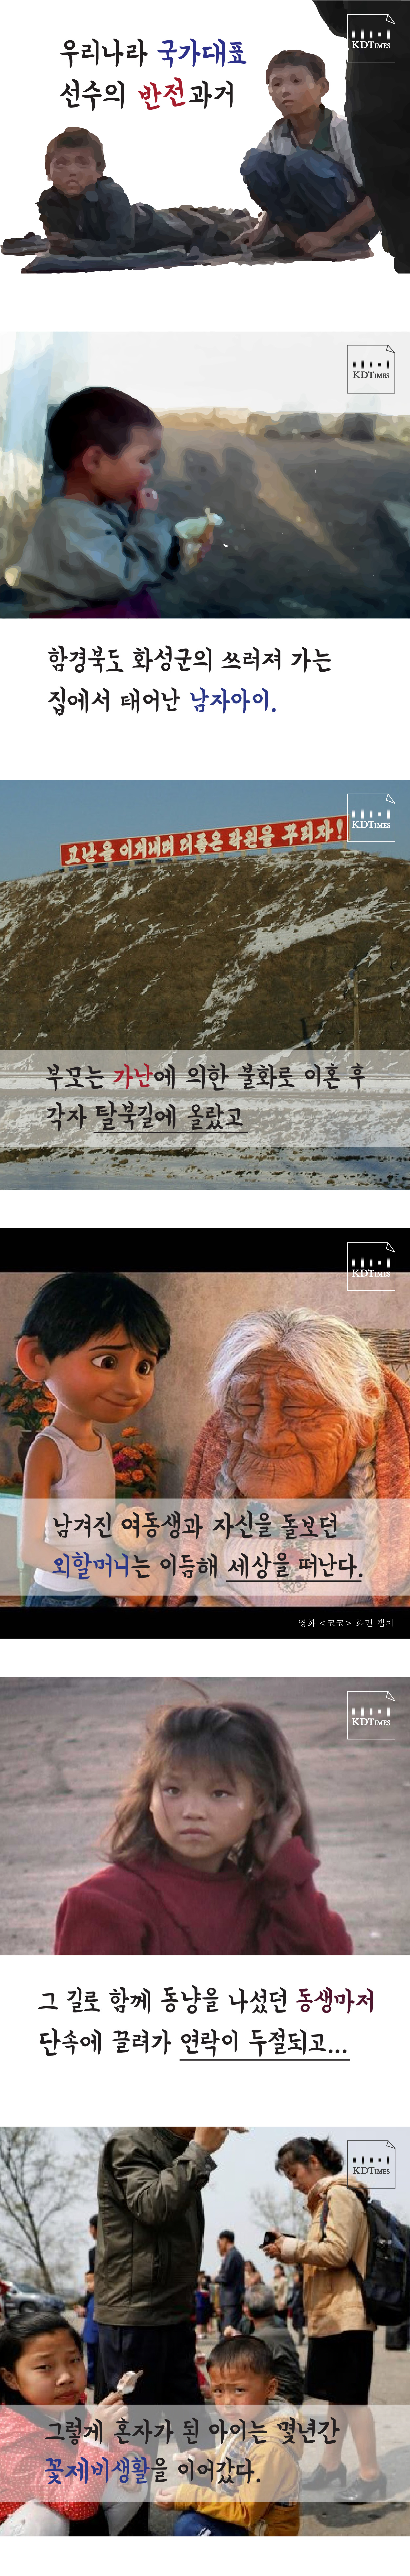 최광혁_kdt-01.jpg